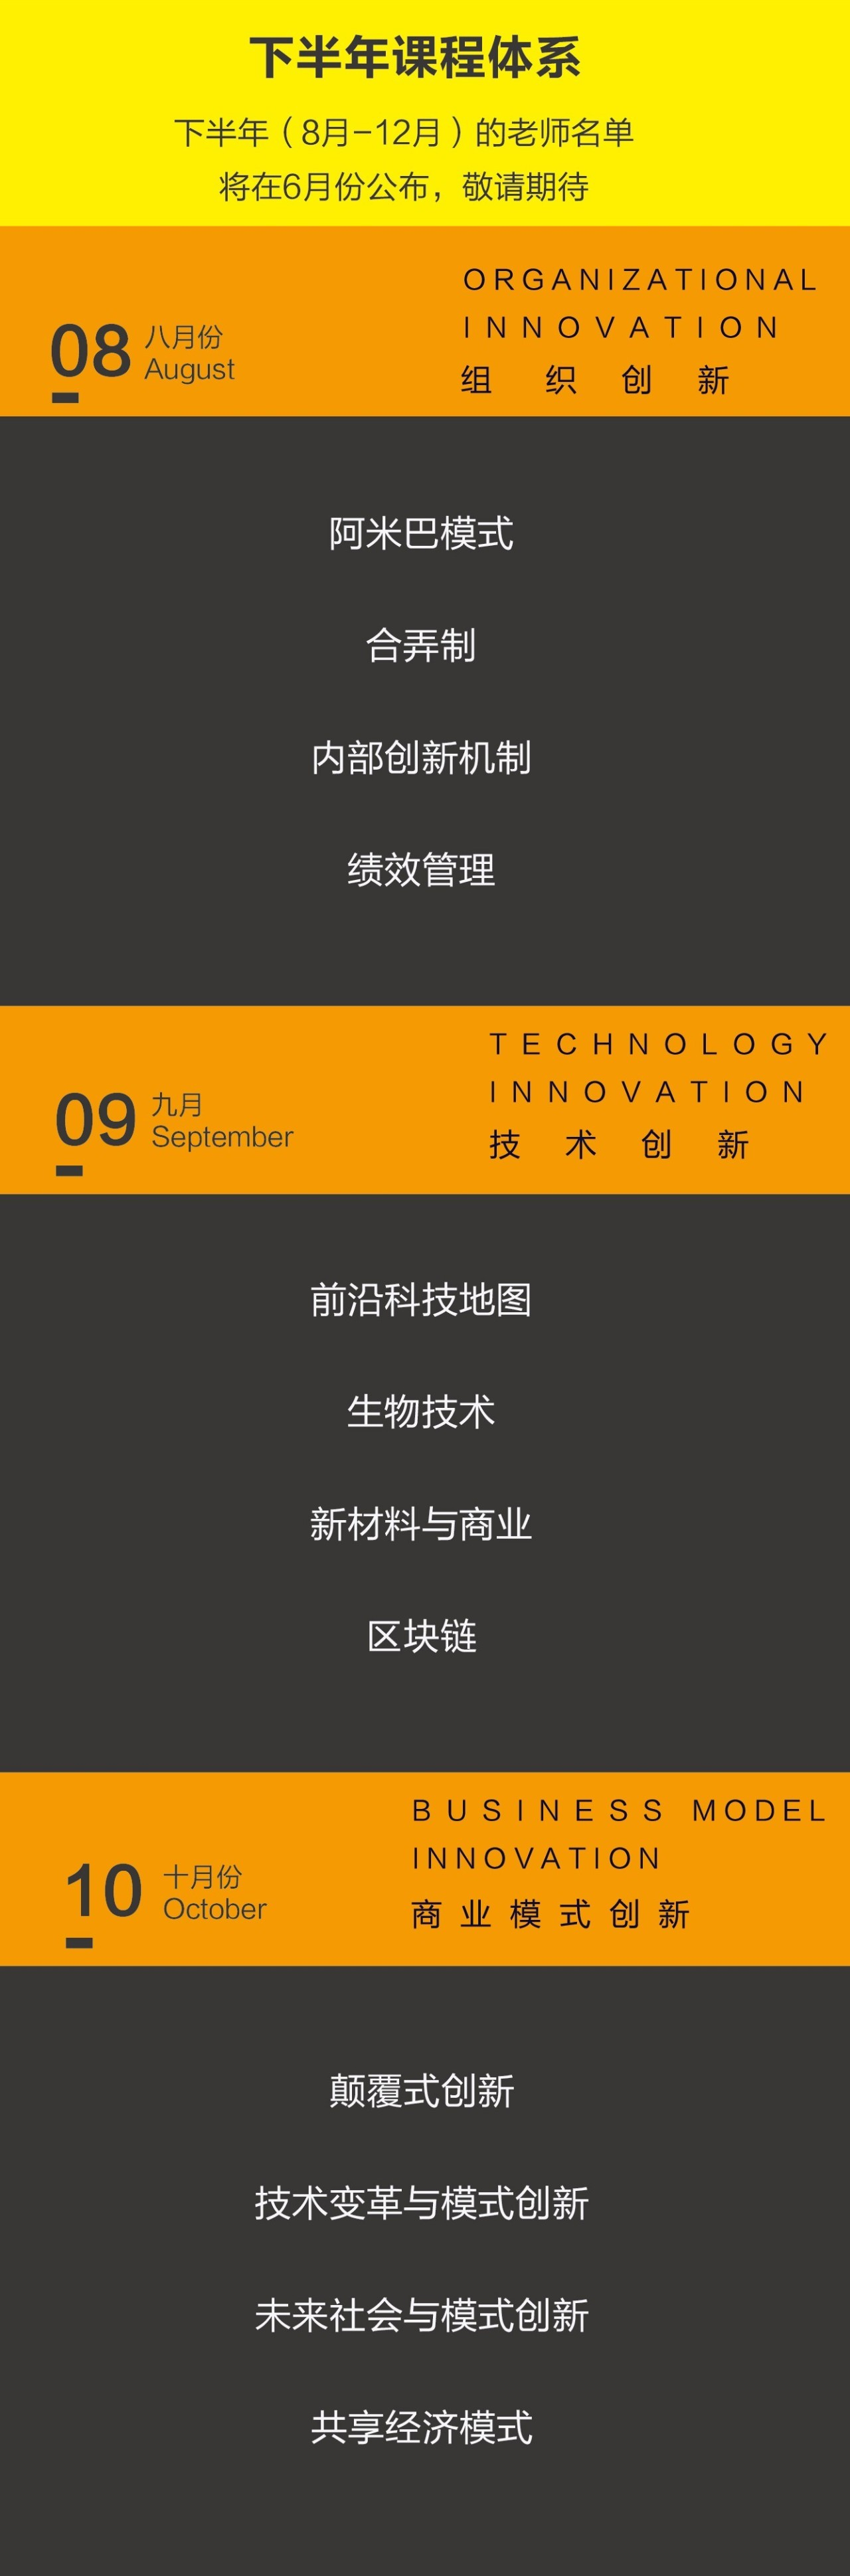 笔记侠特惠通道 | 混沌研习社44堂顶级商业课,800元